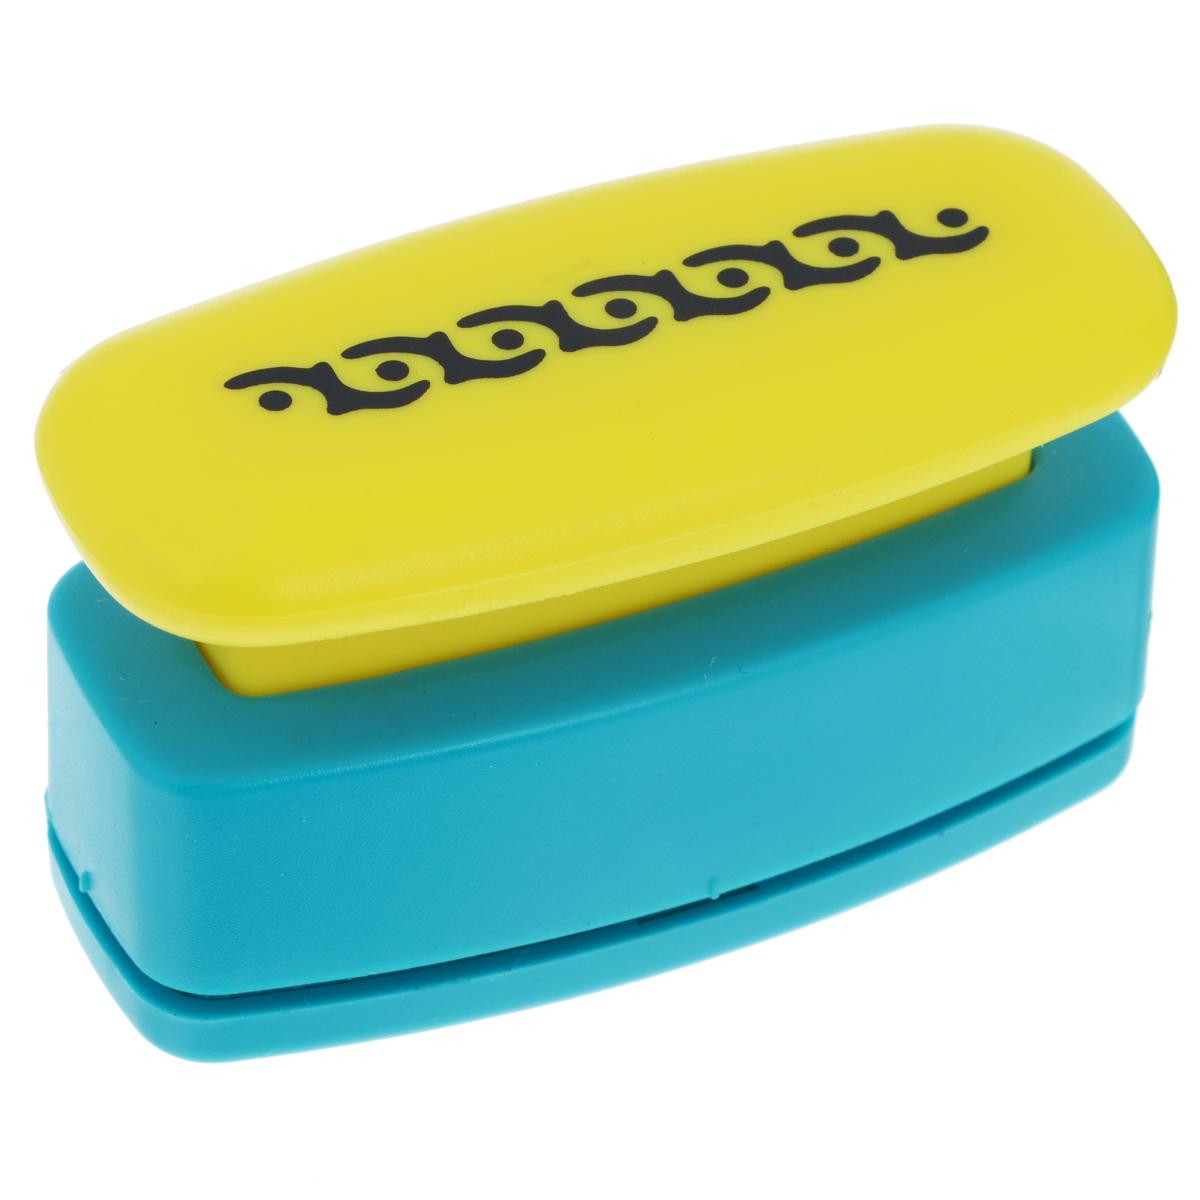 Дырокол фигурный Астра Орнамент, для края, цвет: желтый, голубой, №287709607_28Дырокол Астра Орнамент поможет вам легко, просто и аккуратно вырезать много одинаковых мелких фигурок.Режущие части компостера закрыты пластмассовым корпусом, что обеспечивает безопасность для детей. Можно использовать вырезанные мотивы как конфетти или для наклеивания. Дырокол подходит для разных техник: декупажа, скрапбукинга, декорирования.Размер дырокола: 7 см х 4 см х 3 см. Размер готовой фигурки: 4,7 см х 1 см.